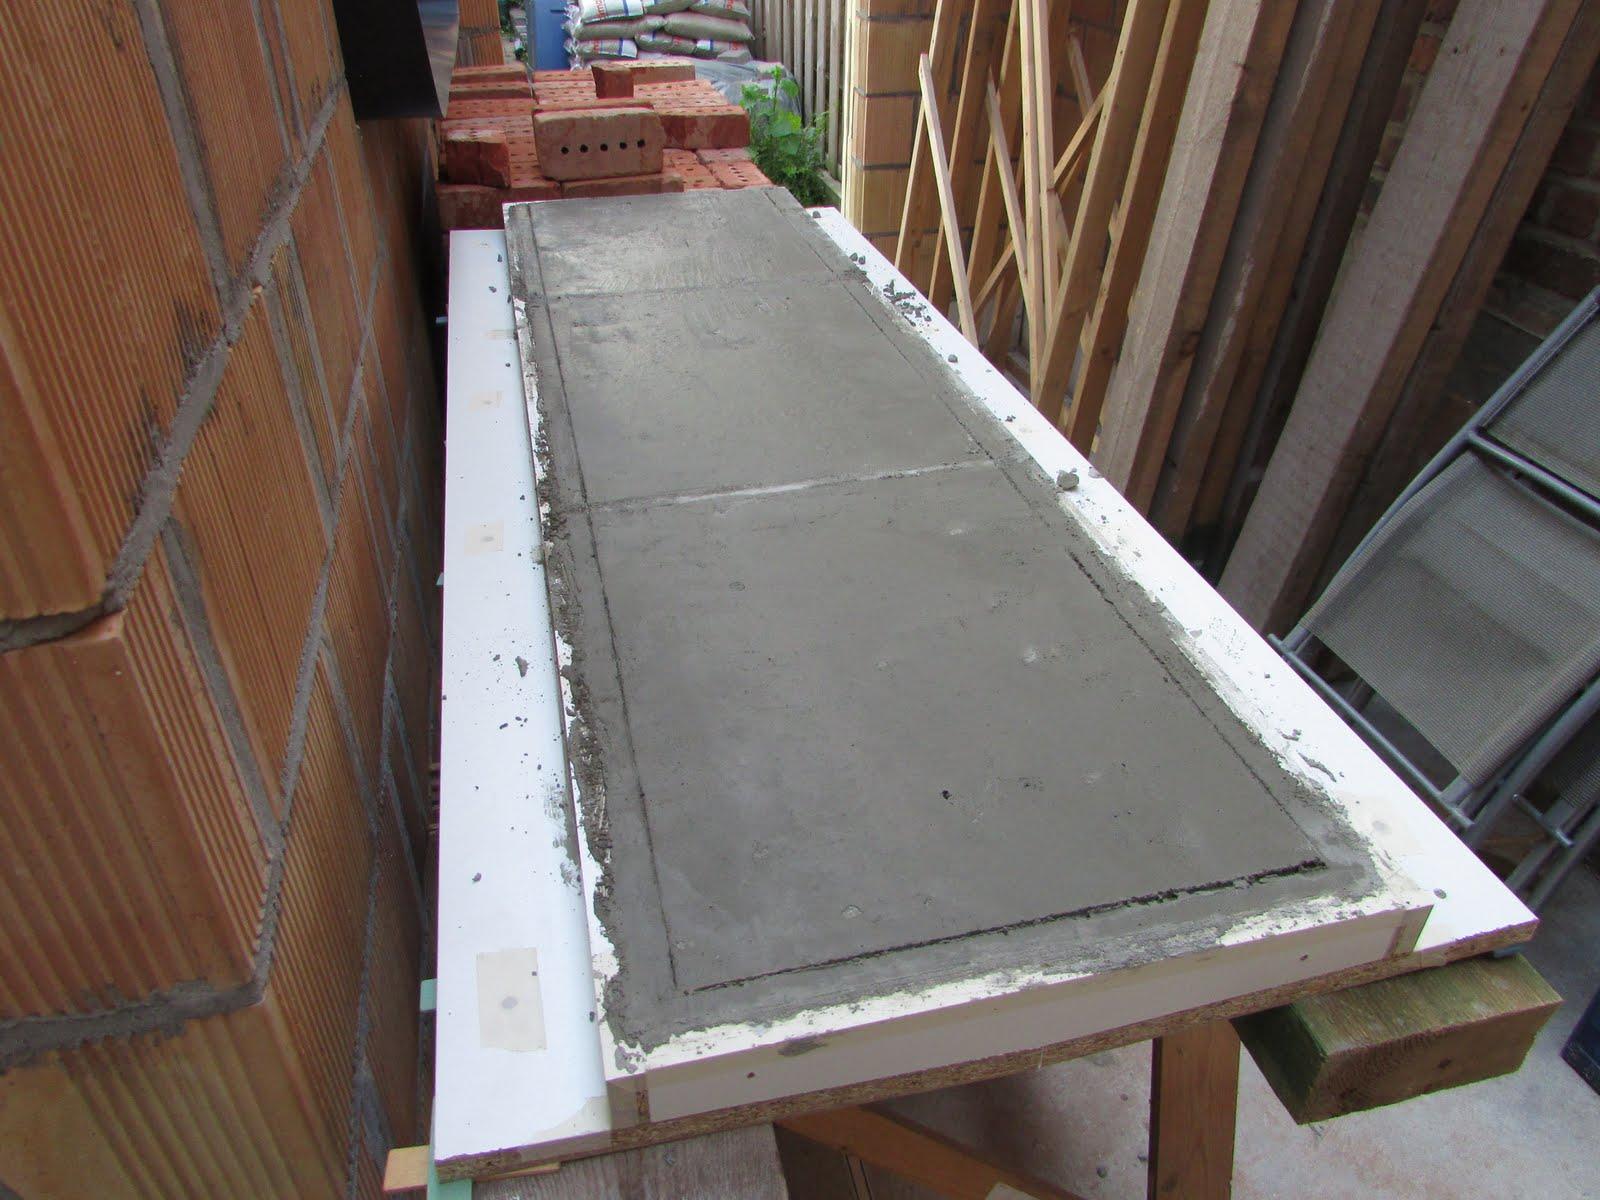 Verbouwing van ons ouderlijk huis ruwbouw uitbreiding 31 - Uitbreiding stenen huis ...